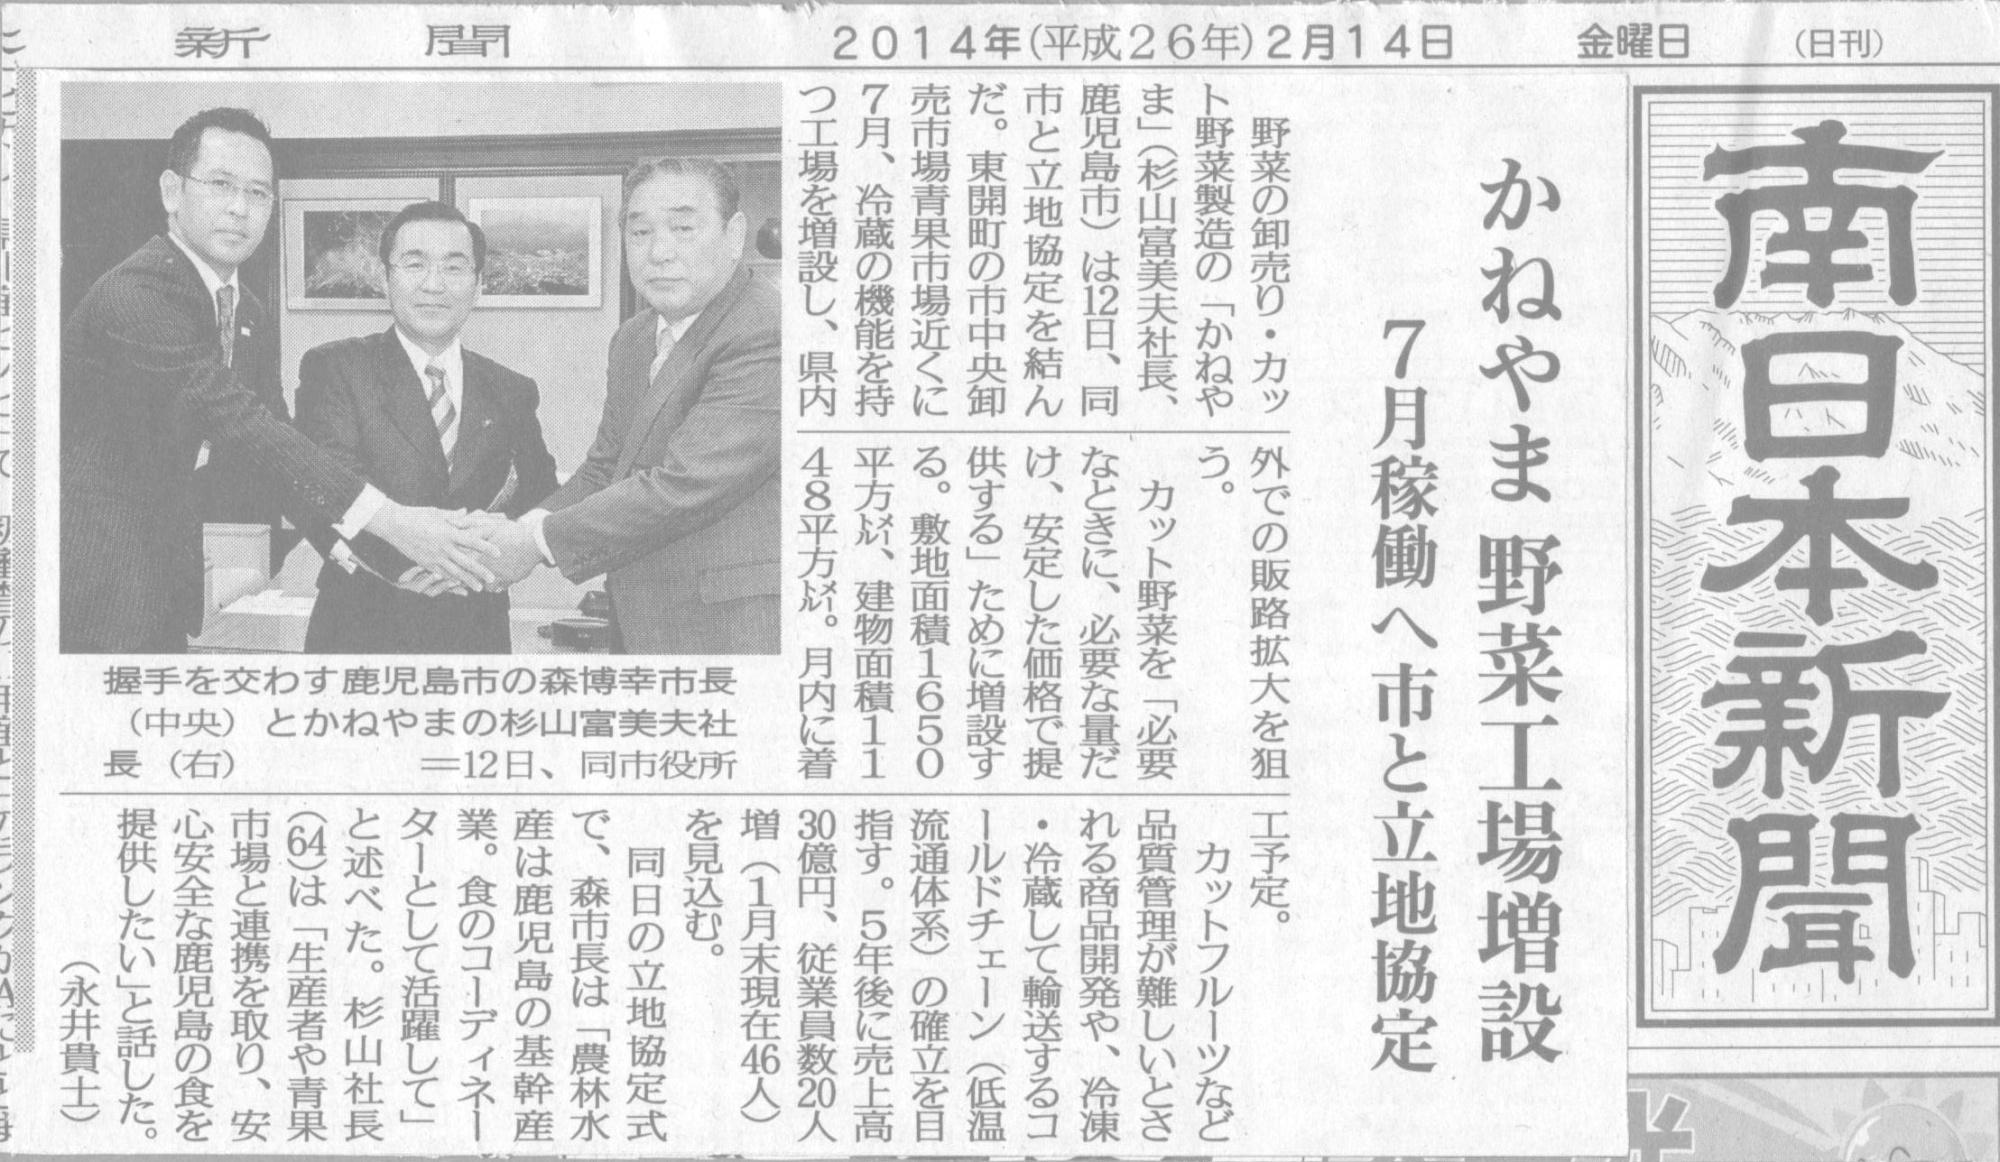 【メディア掲載】2014月2月14日 南日本新聞